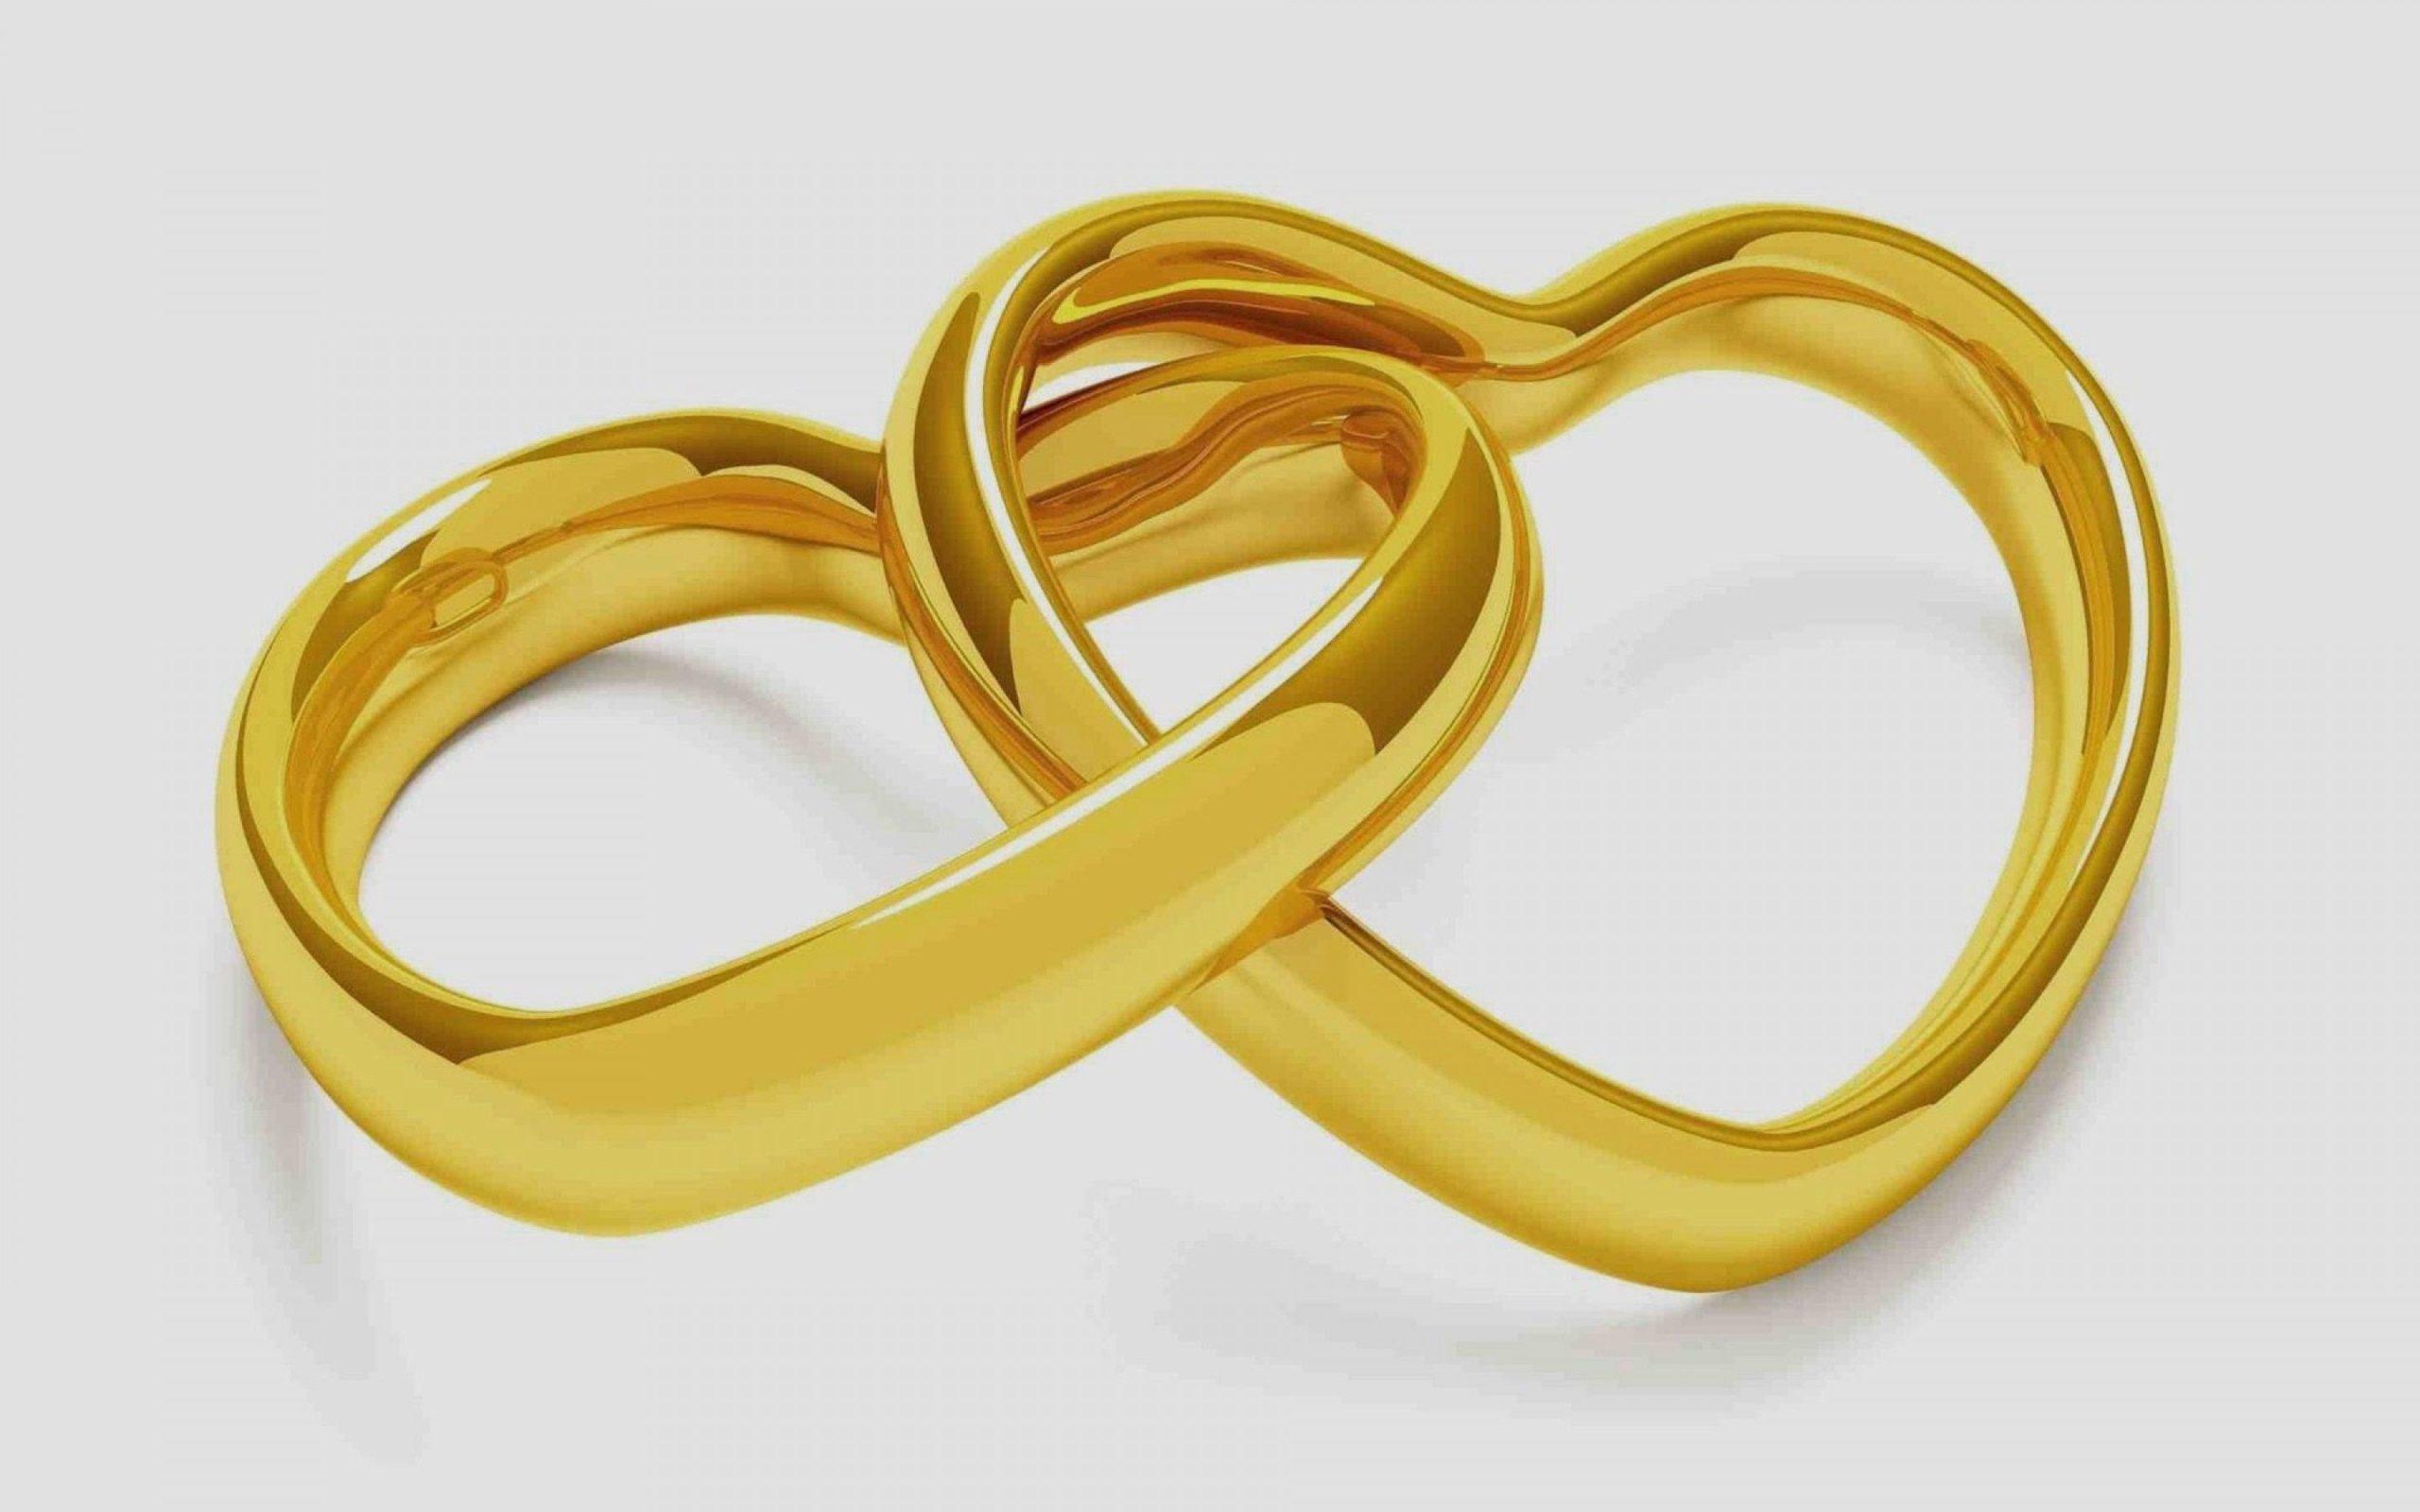 Anniversario Di Matrimonio Materiali.Dmp2uskhbwu0dm